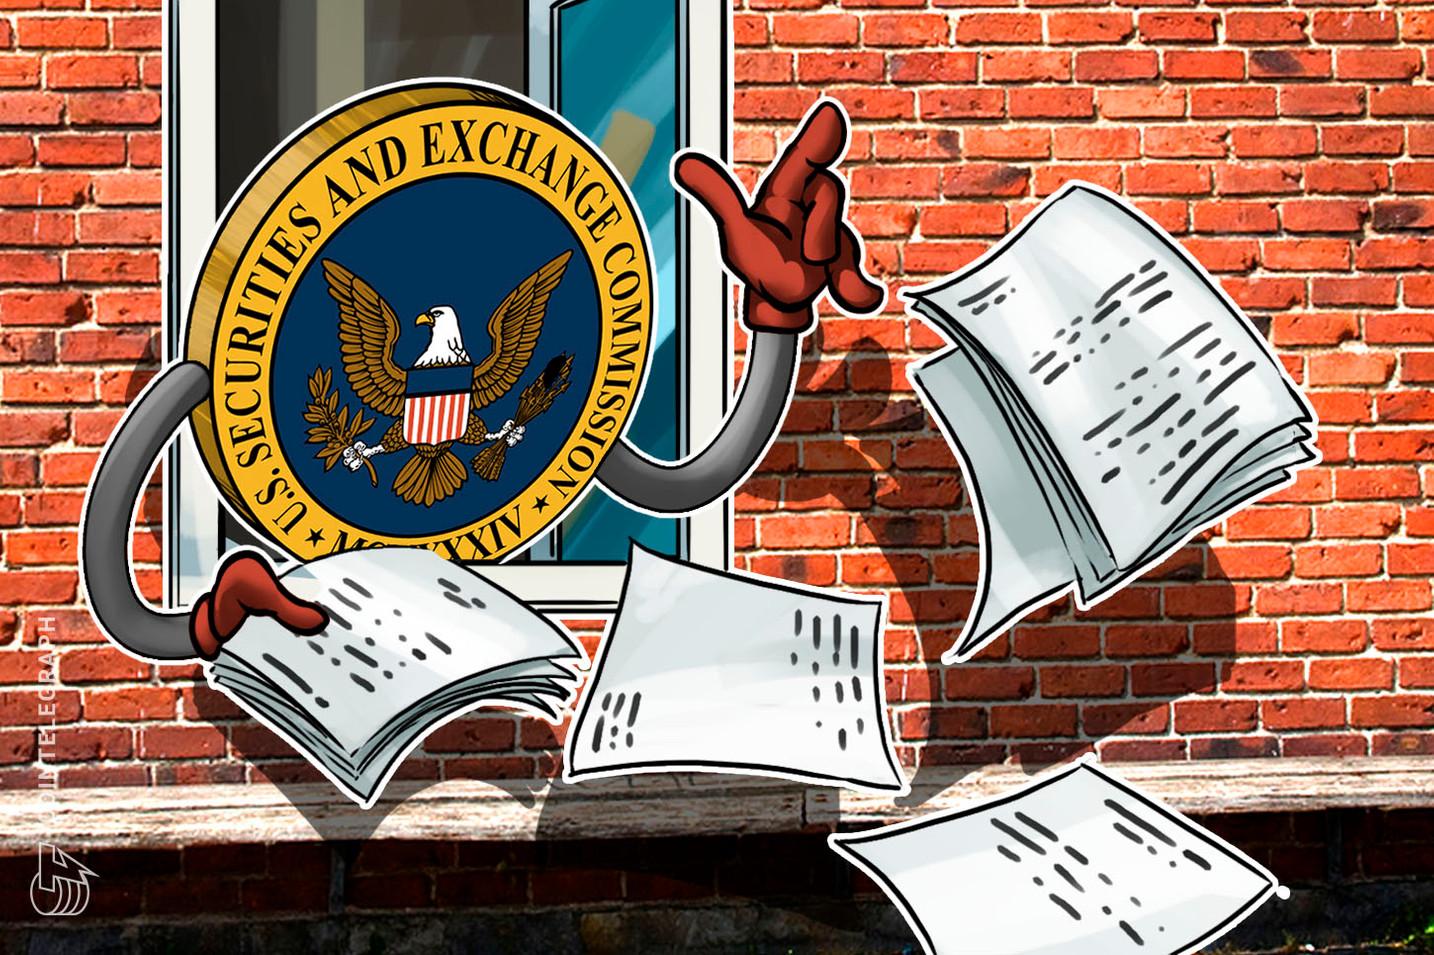 Presidente de la CFTC de EE. UU.: Blockchain y criptomonedas son dos fenómenos clave que transforman los mercados de hoy